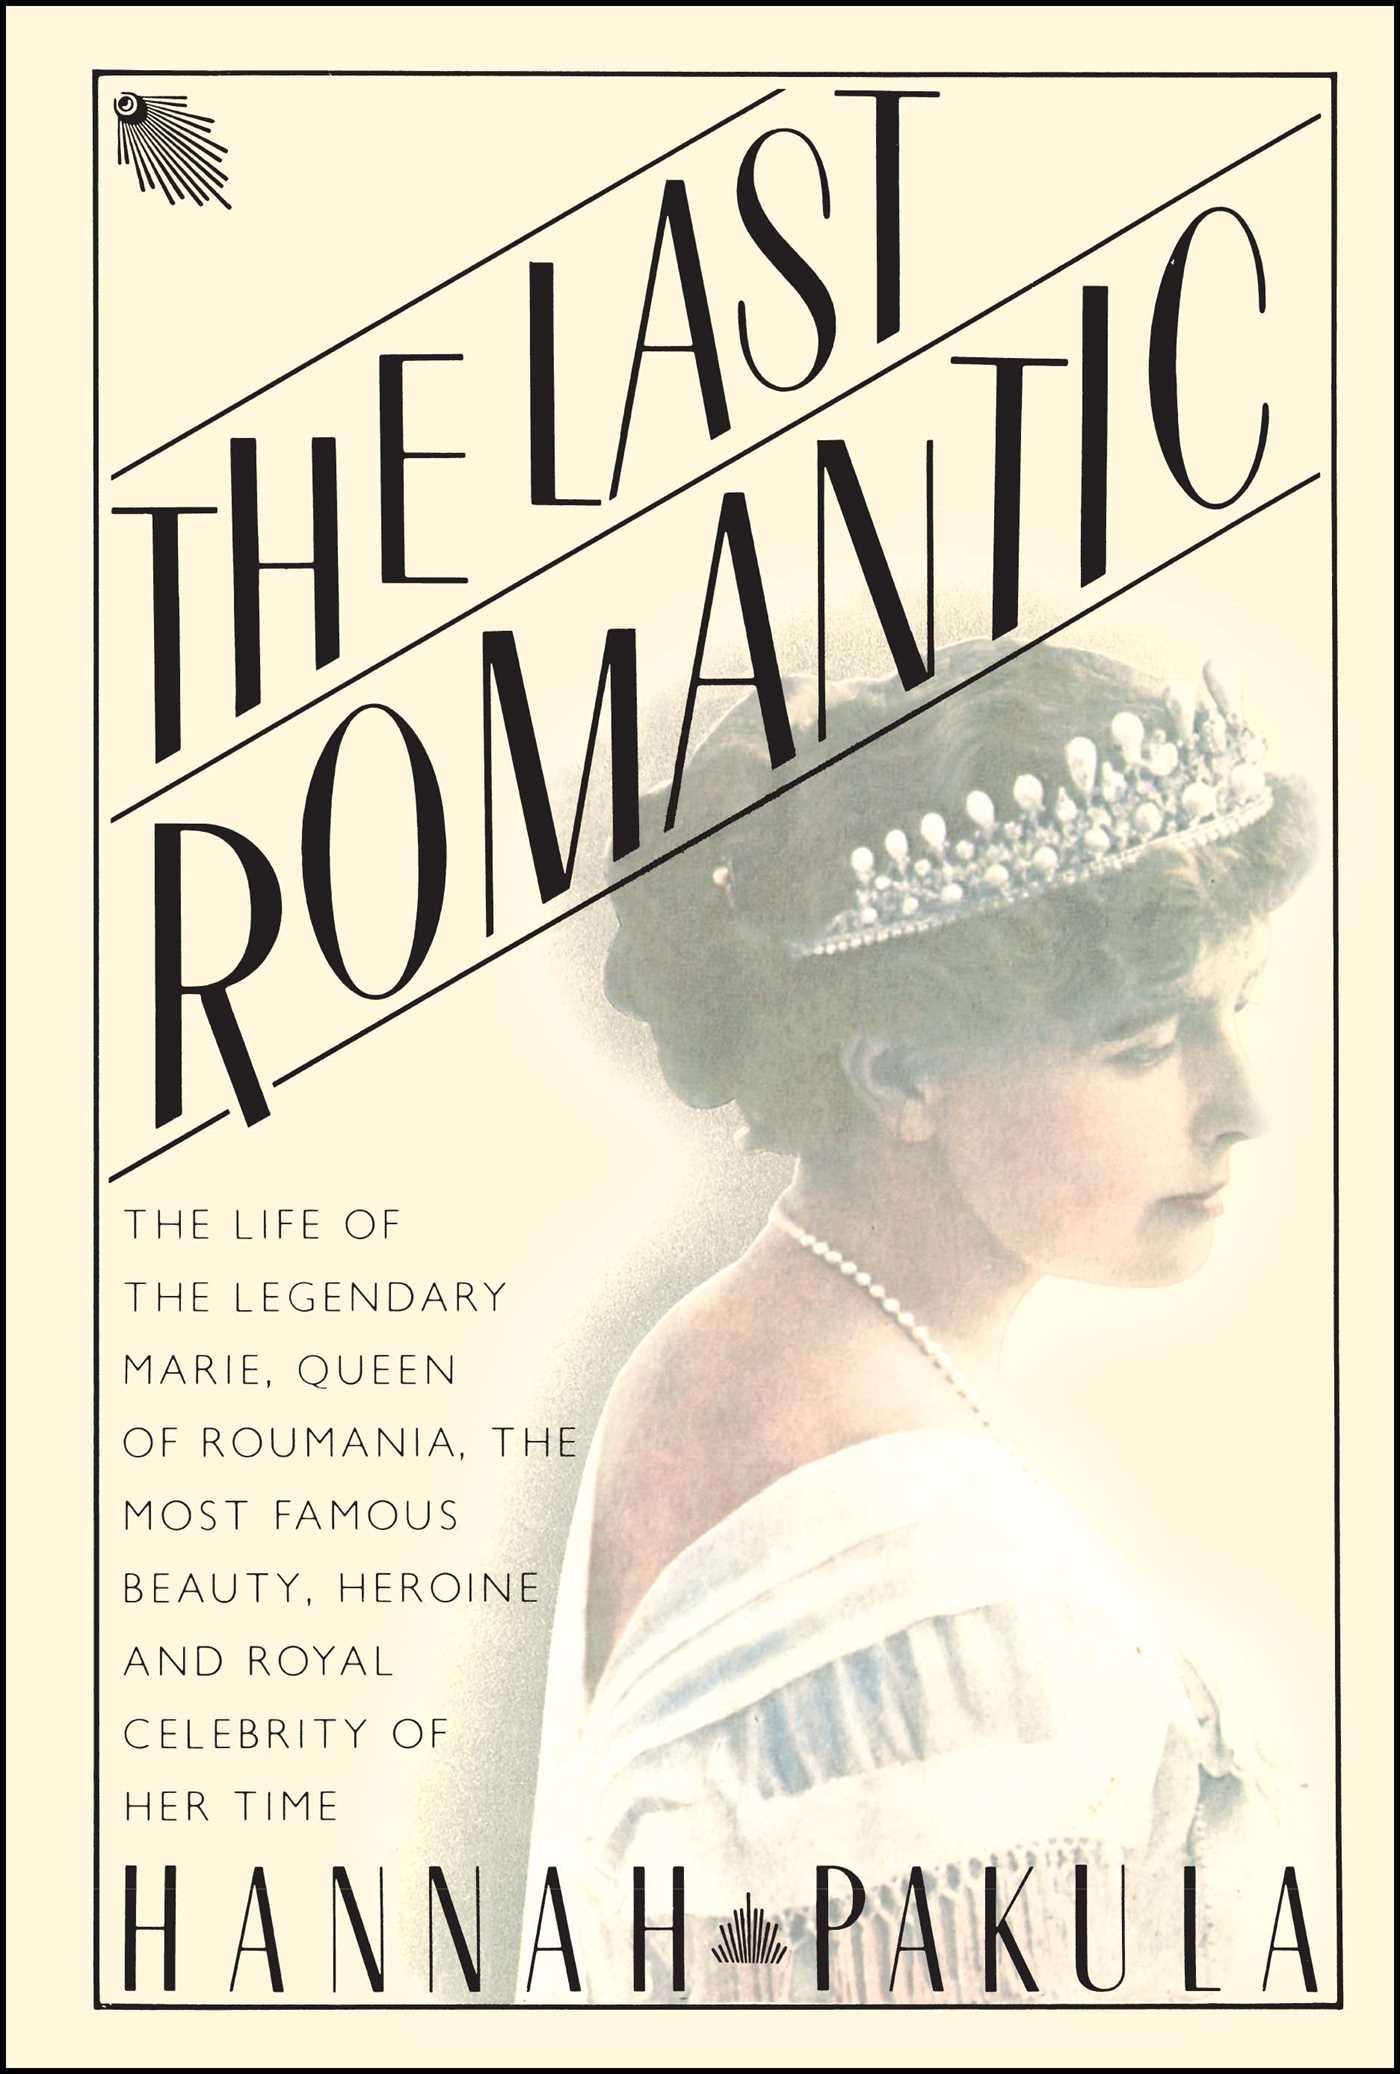 Last romantic 9781501187148 hr